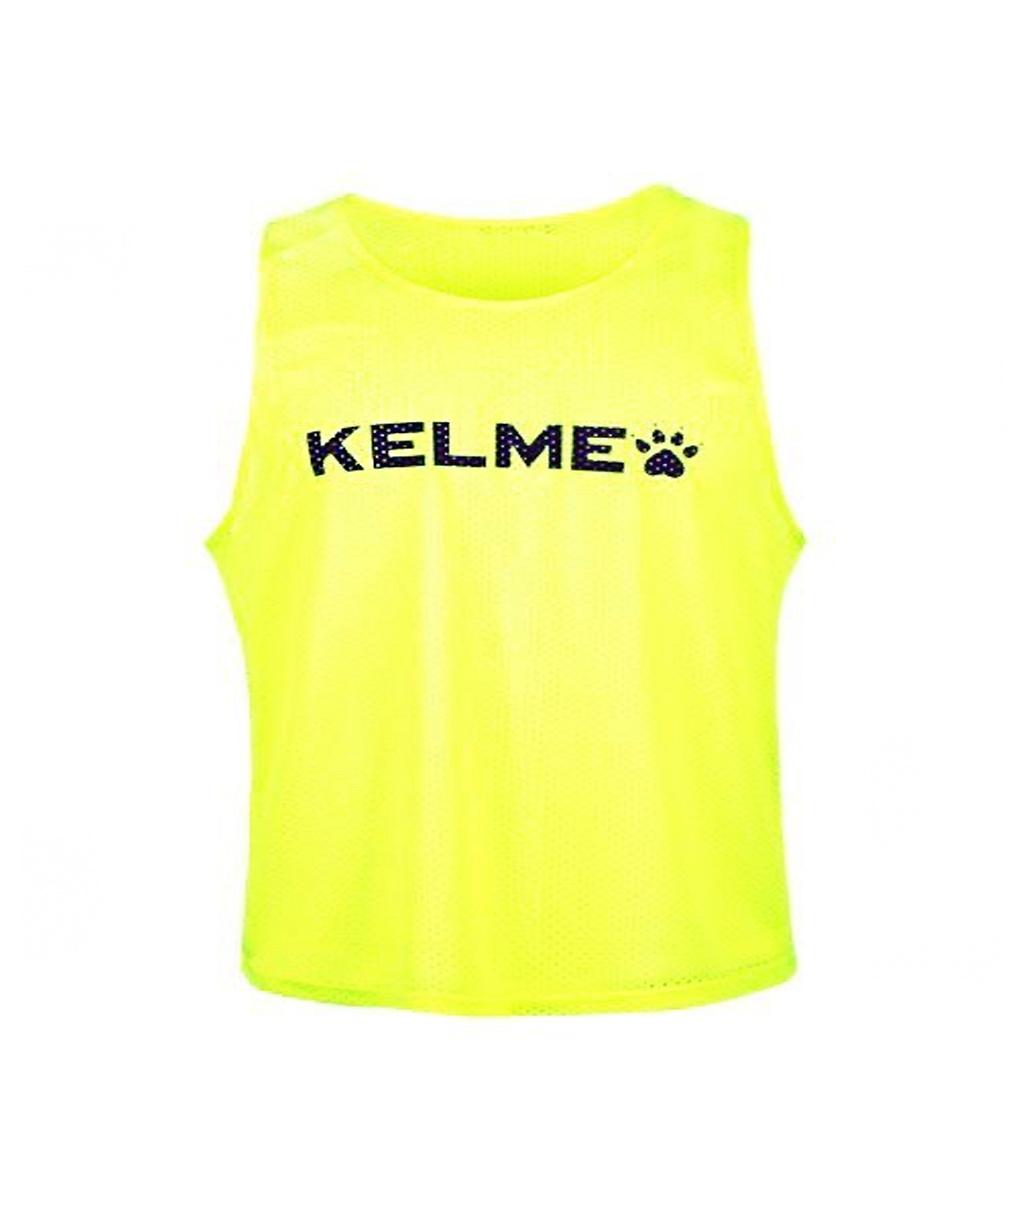 Купить детскую манишку Kelme Training BIB салатовую в интернет-магазине